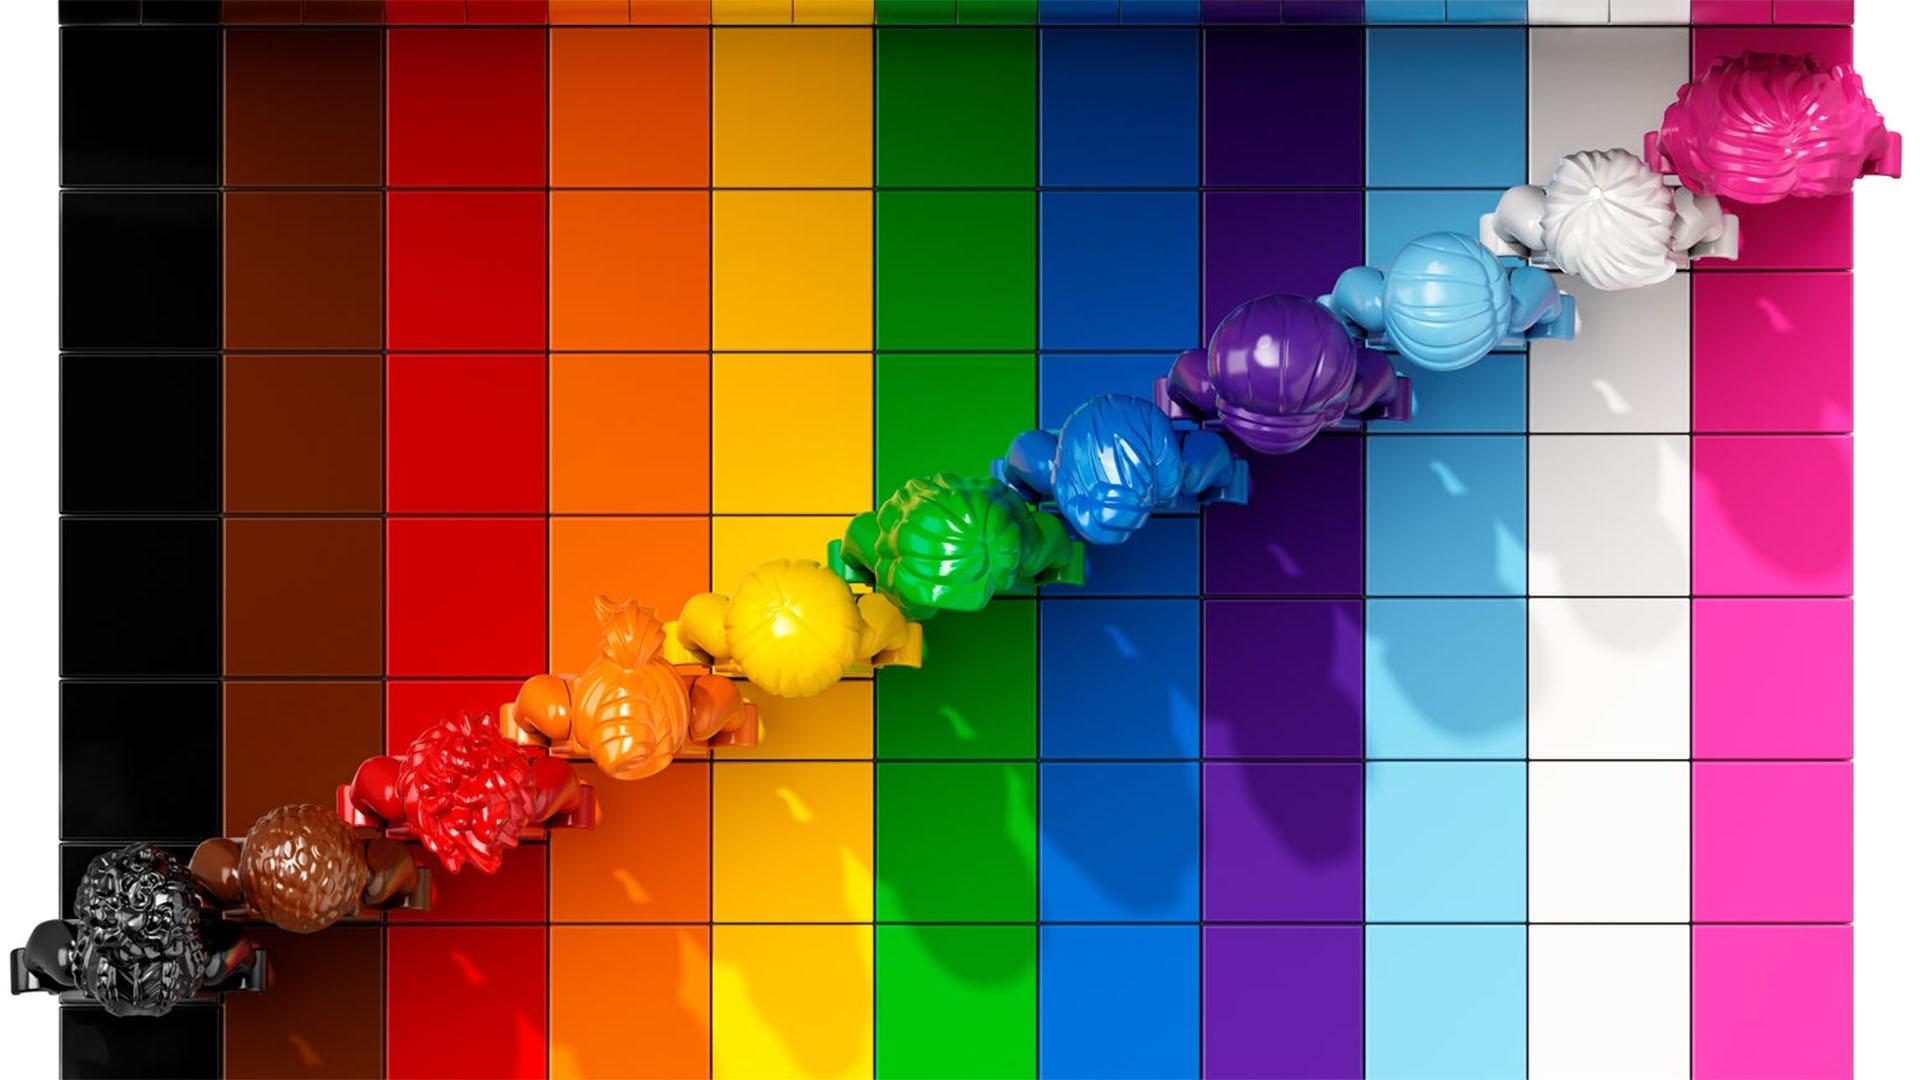 Különleges LEGO készlet érkezik, az LMBTQI közösség meletti kiállásként